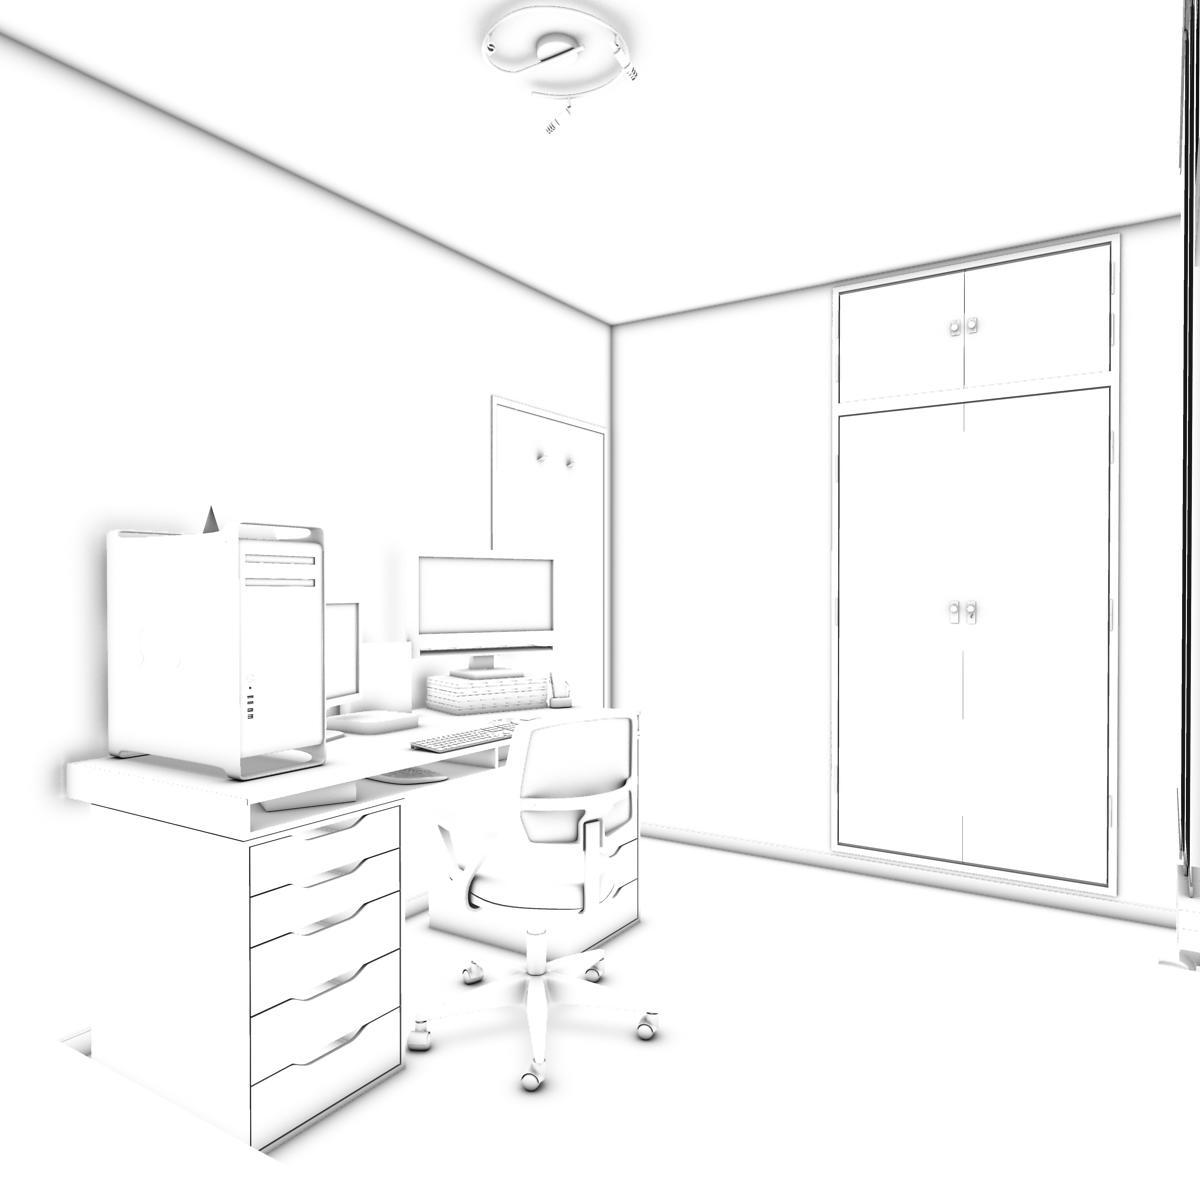 room 3d model 3ds max fbx c4d ma mb obj 159591